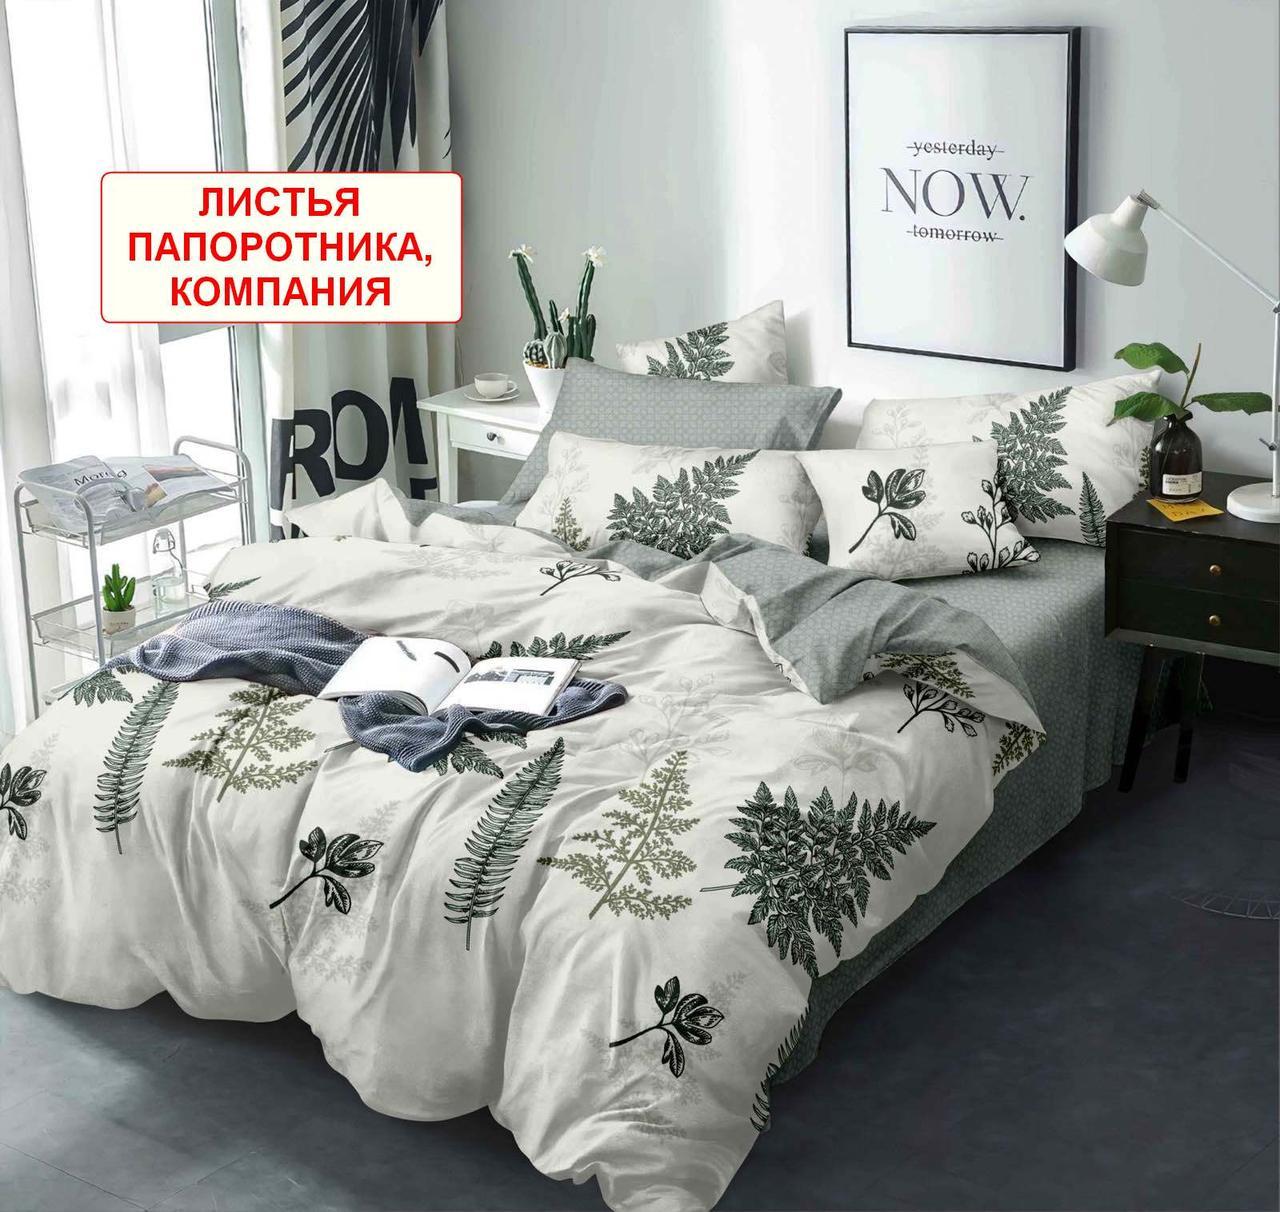 Набор постельного белья из сатина - Листья папоротника, компания